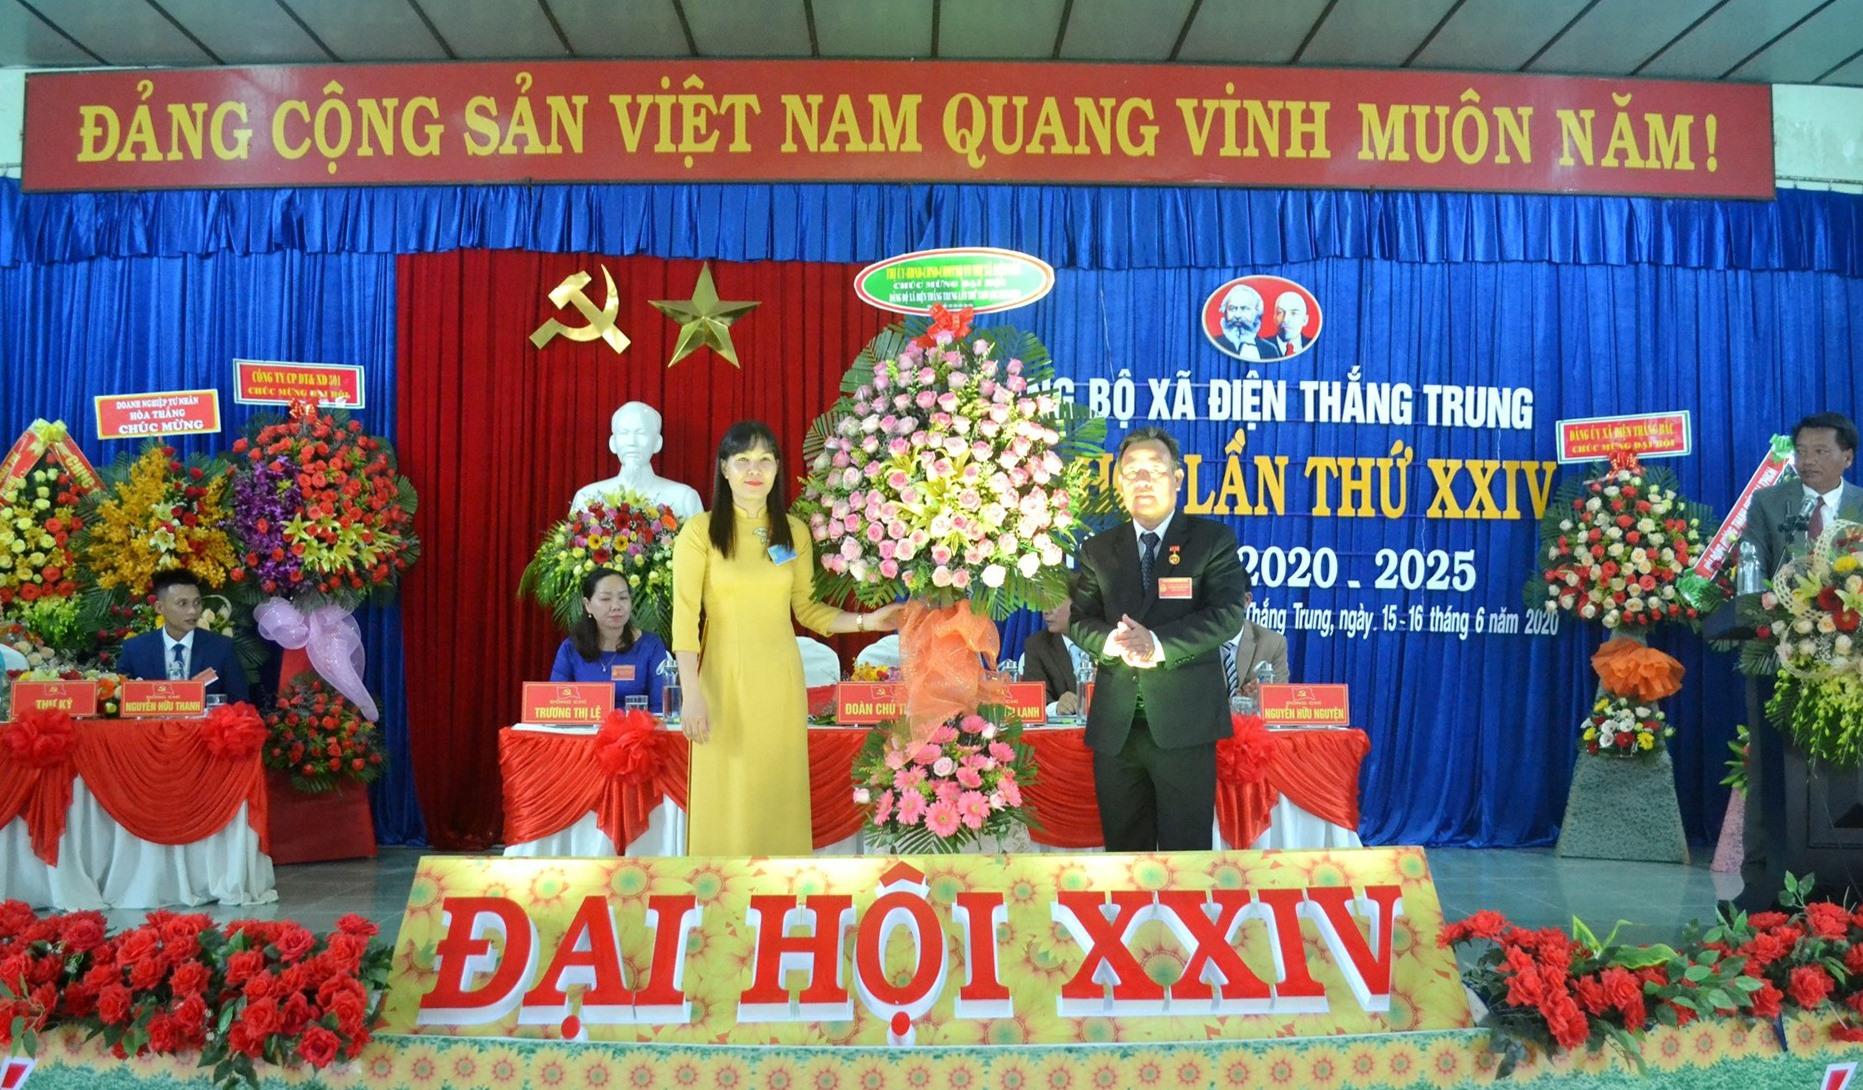 Phó Bí thư Thị ủy Điện Bàn - bà Lê Thị Minh Tâm trao tặng lẵng hoa chúc mừng đại hội. Ảnh: CÔNG TÚ